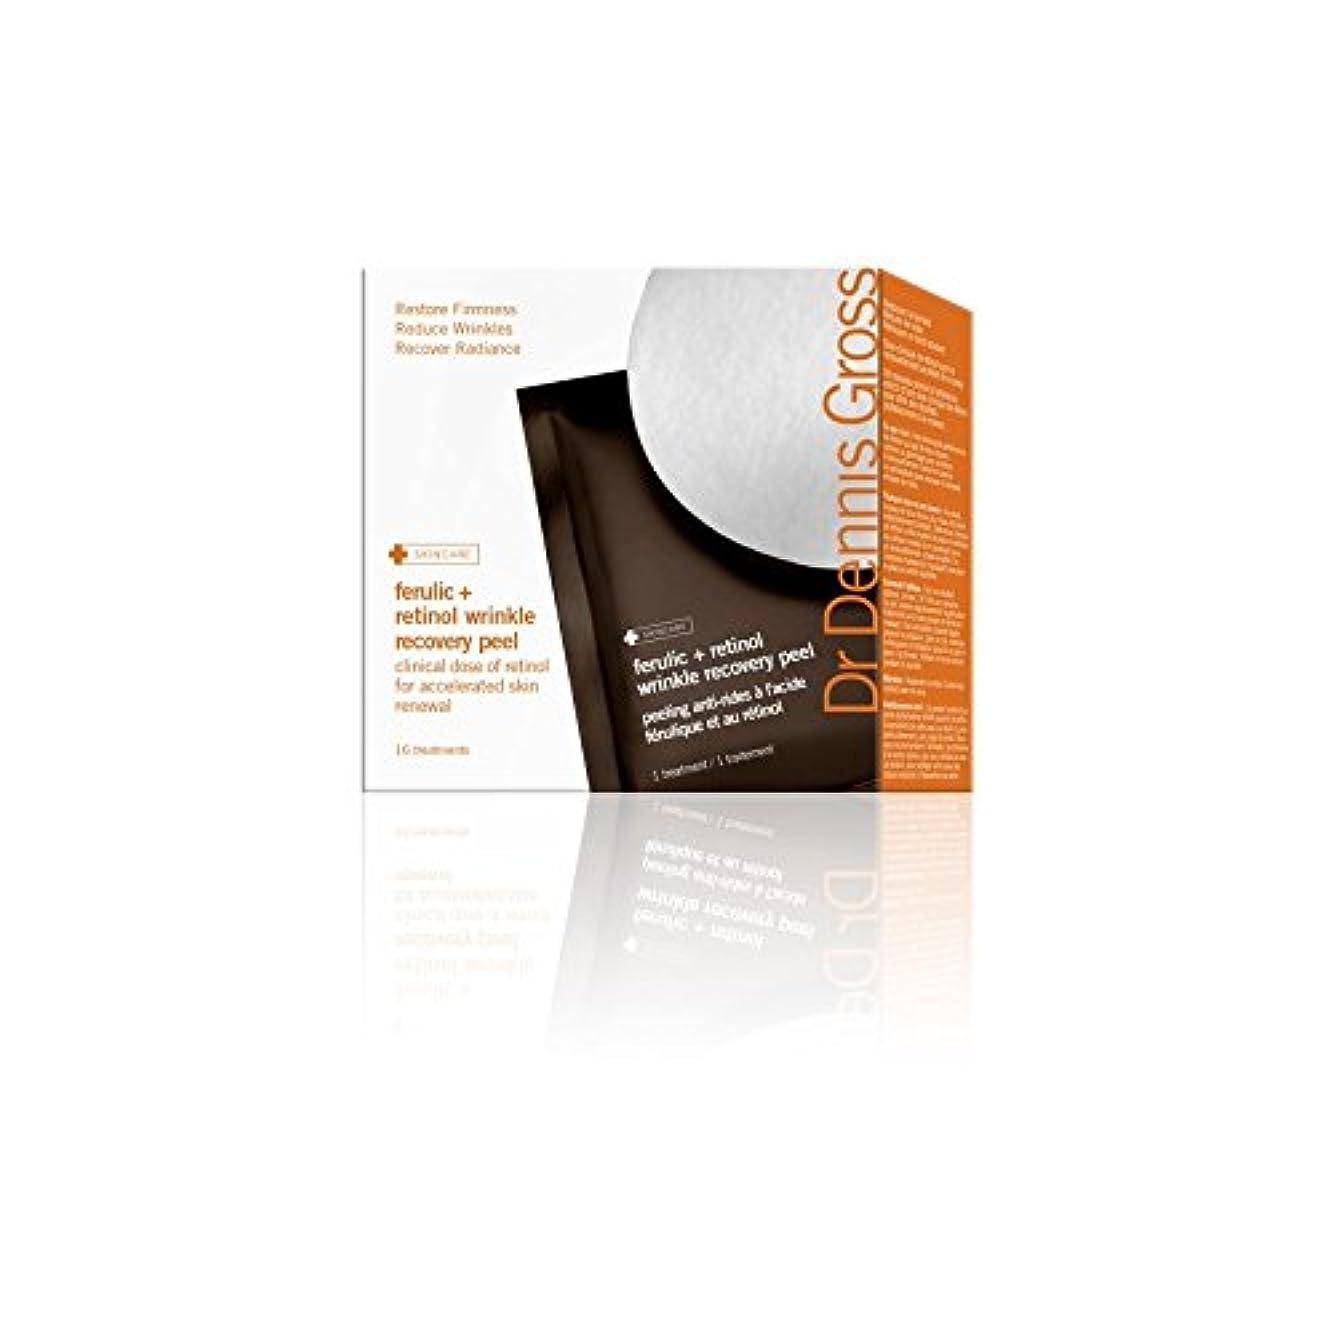 消える確執いっぱいデニース?グロスフェルラとレチノールしわ回復の皮(16パック) x4 - Dr Dennis Gross Ferulic And Retinol Wrinkle Recovery Peel (16 Pack) (Pack...